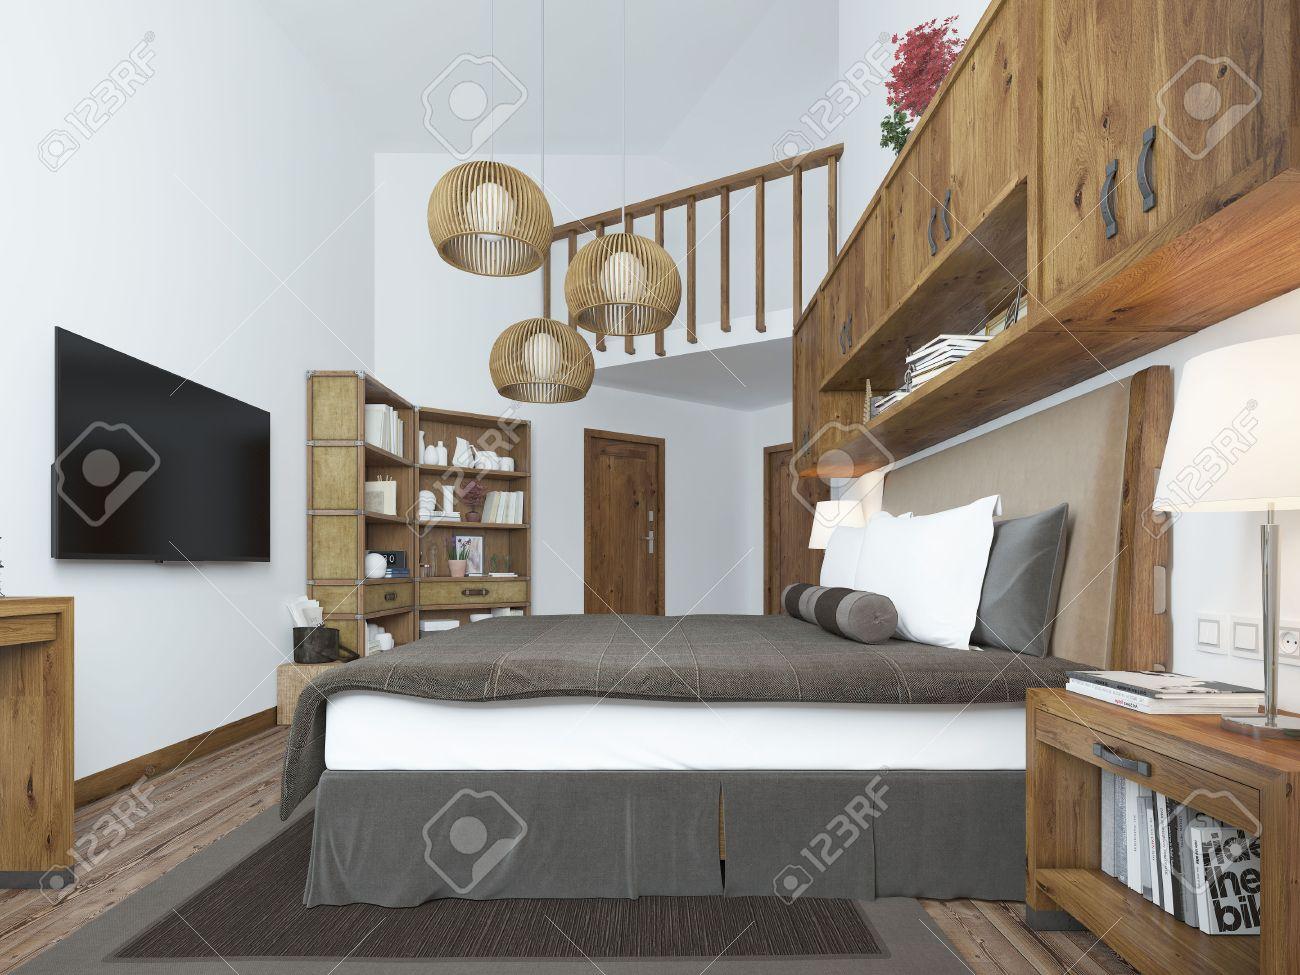 Gran Dormitorio En Estilo Moderno Con Elementos De Un Loft Rstico